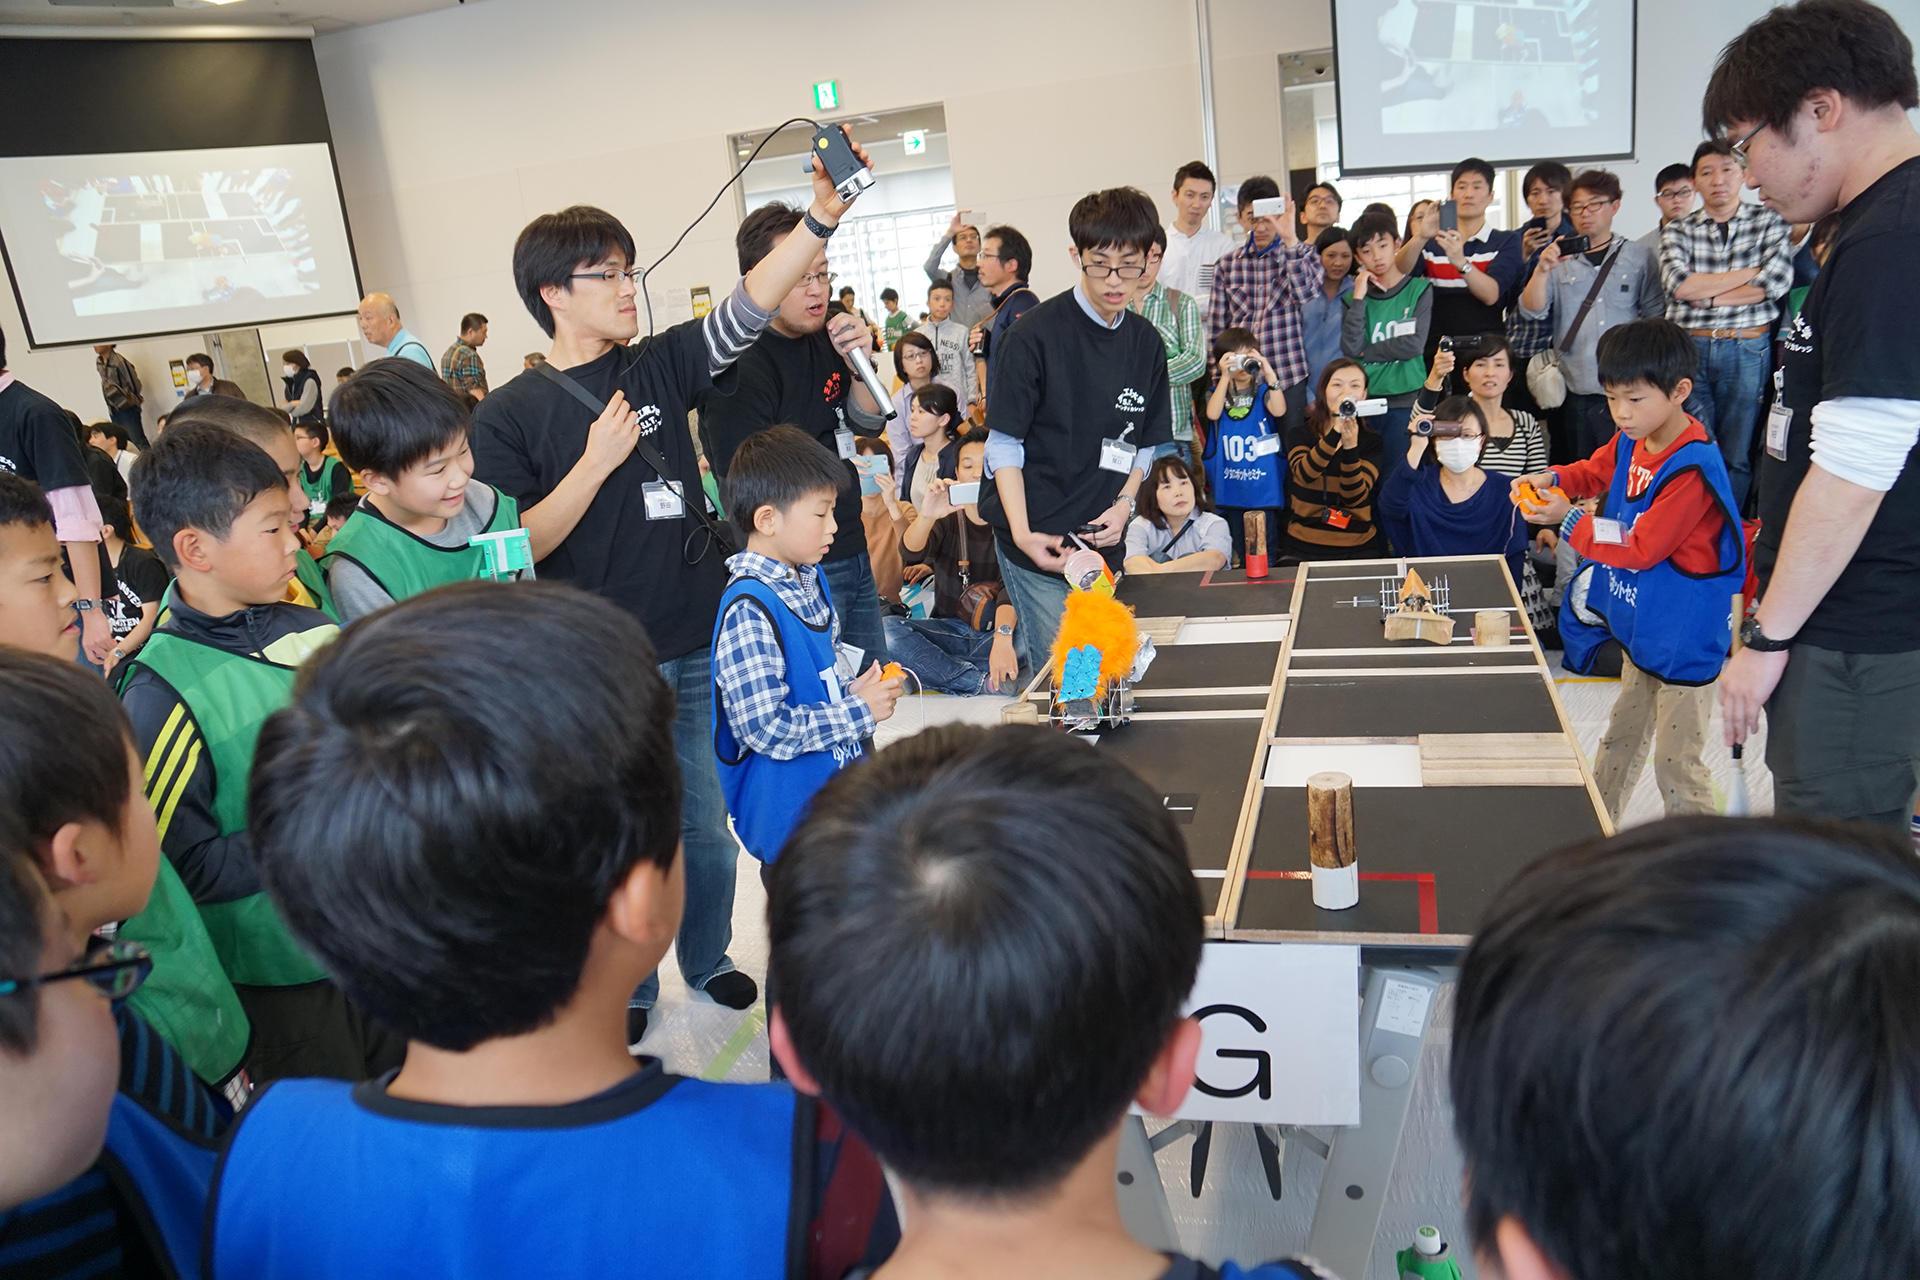 第17回芝浦工業大学ロボットセミナー全国大会を豊洲で11月19日開催 ~小中学生が手作りロボットで日本一へ挑戦~